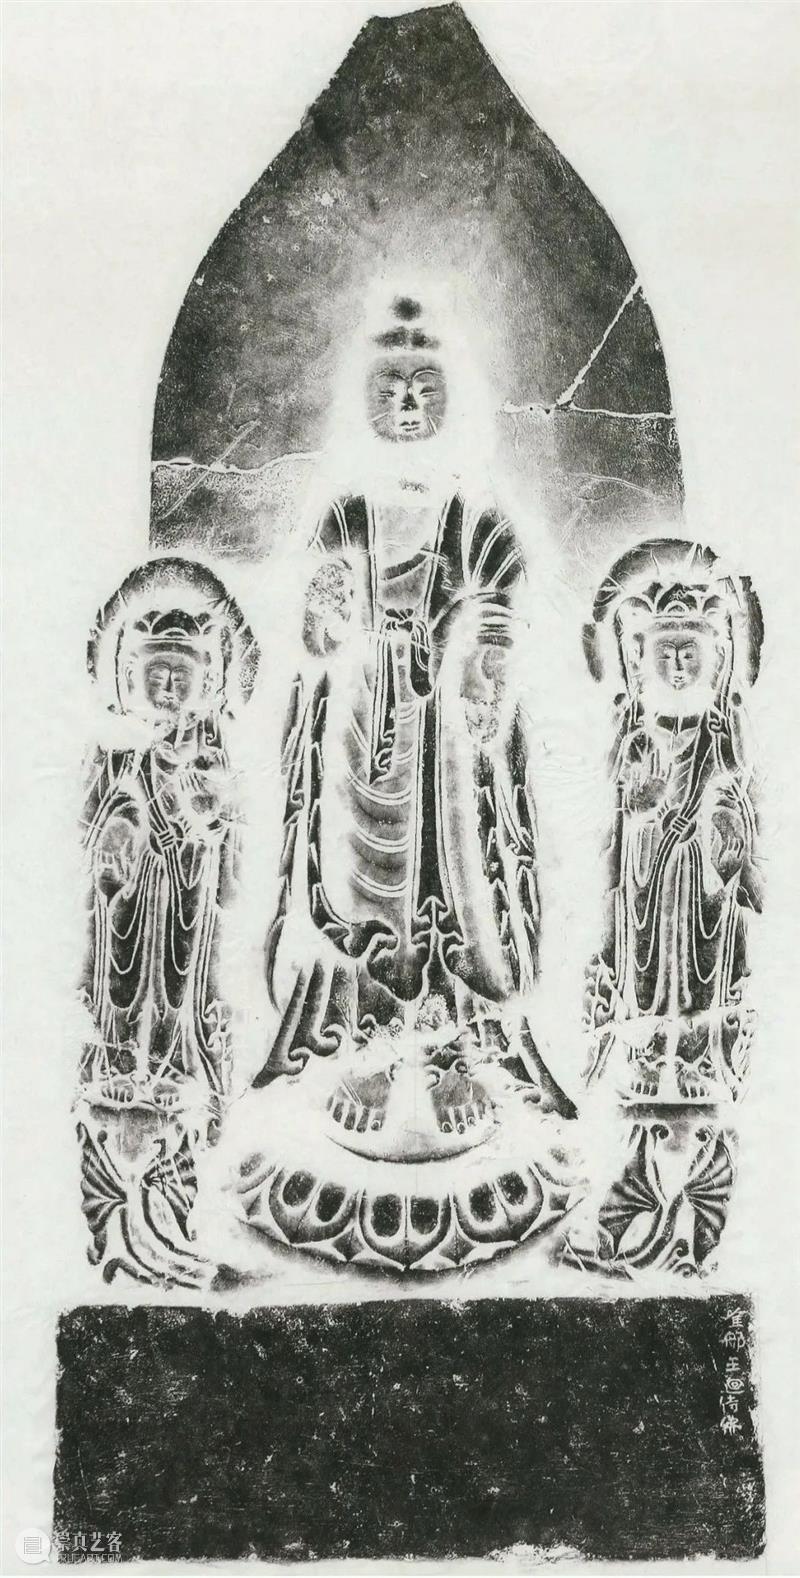 高城佛光:黄骅市出土造像记  南山供秀 黄骅市 佛光 北齐 造像记 佛教 产物 北魏 时代 寺院 造像 崇真艺客